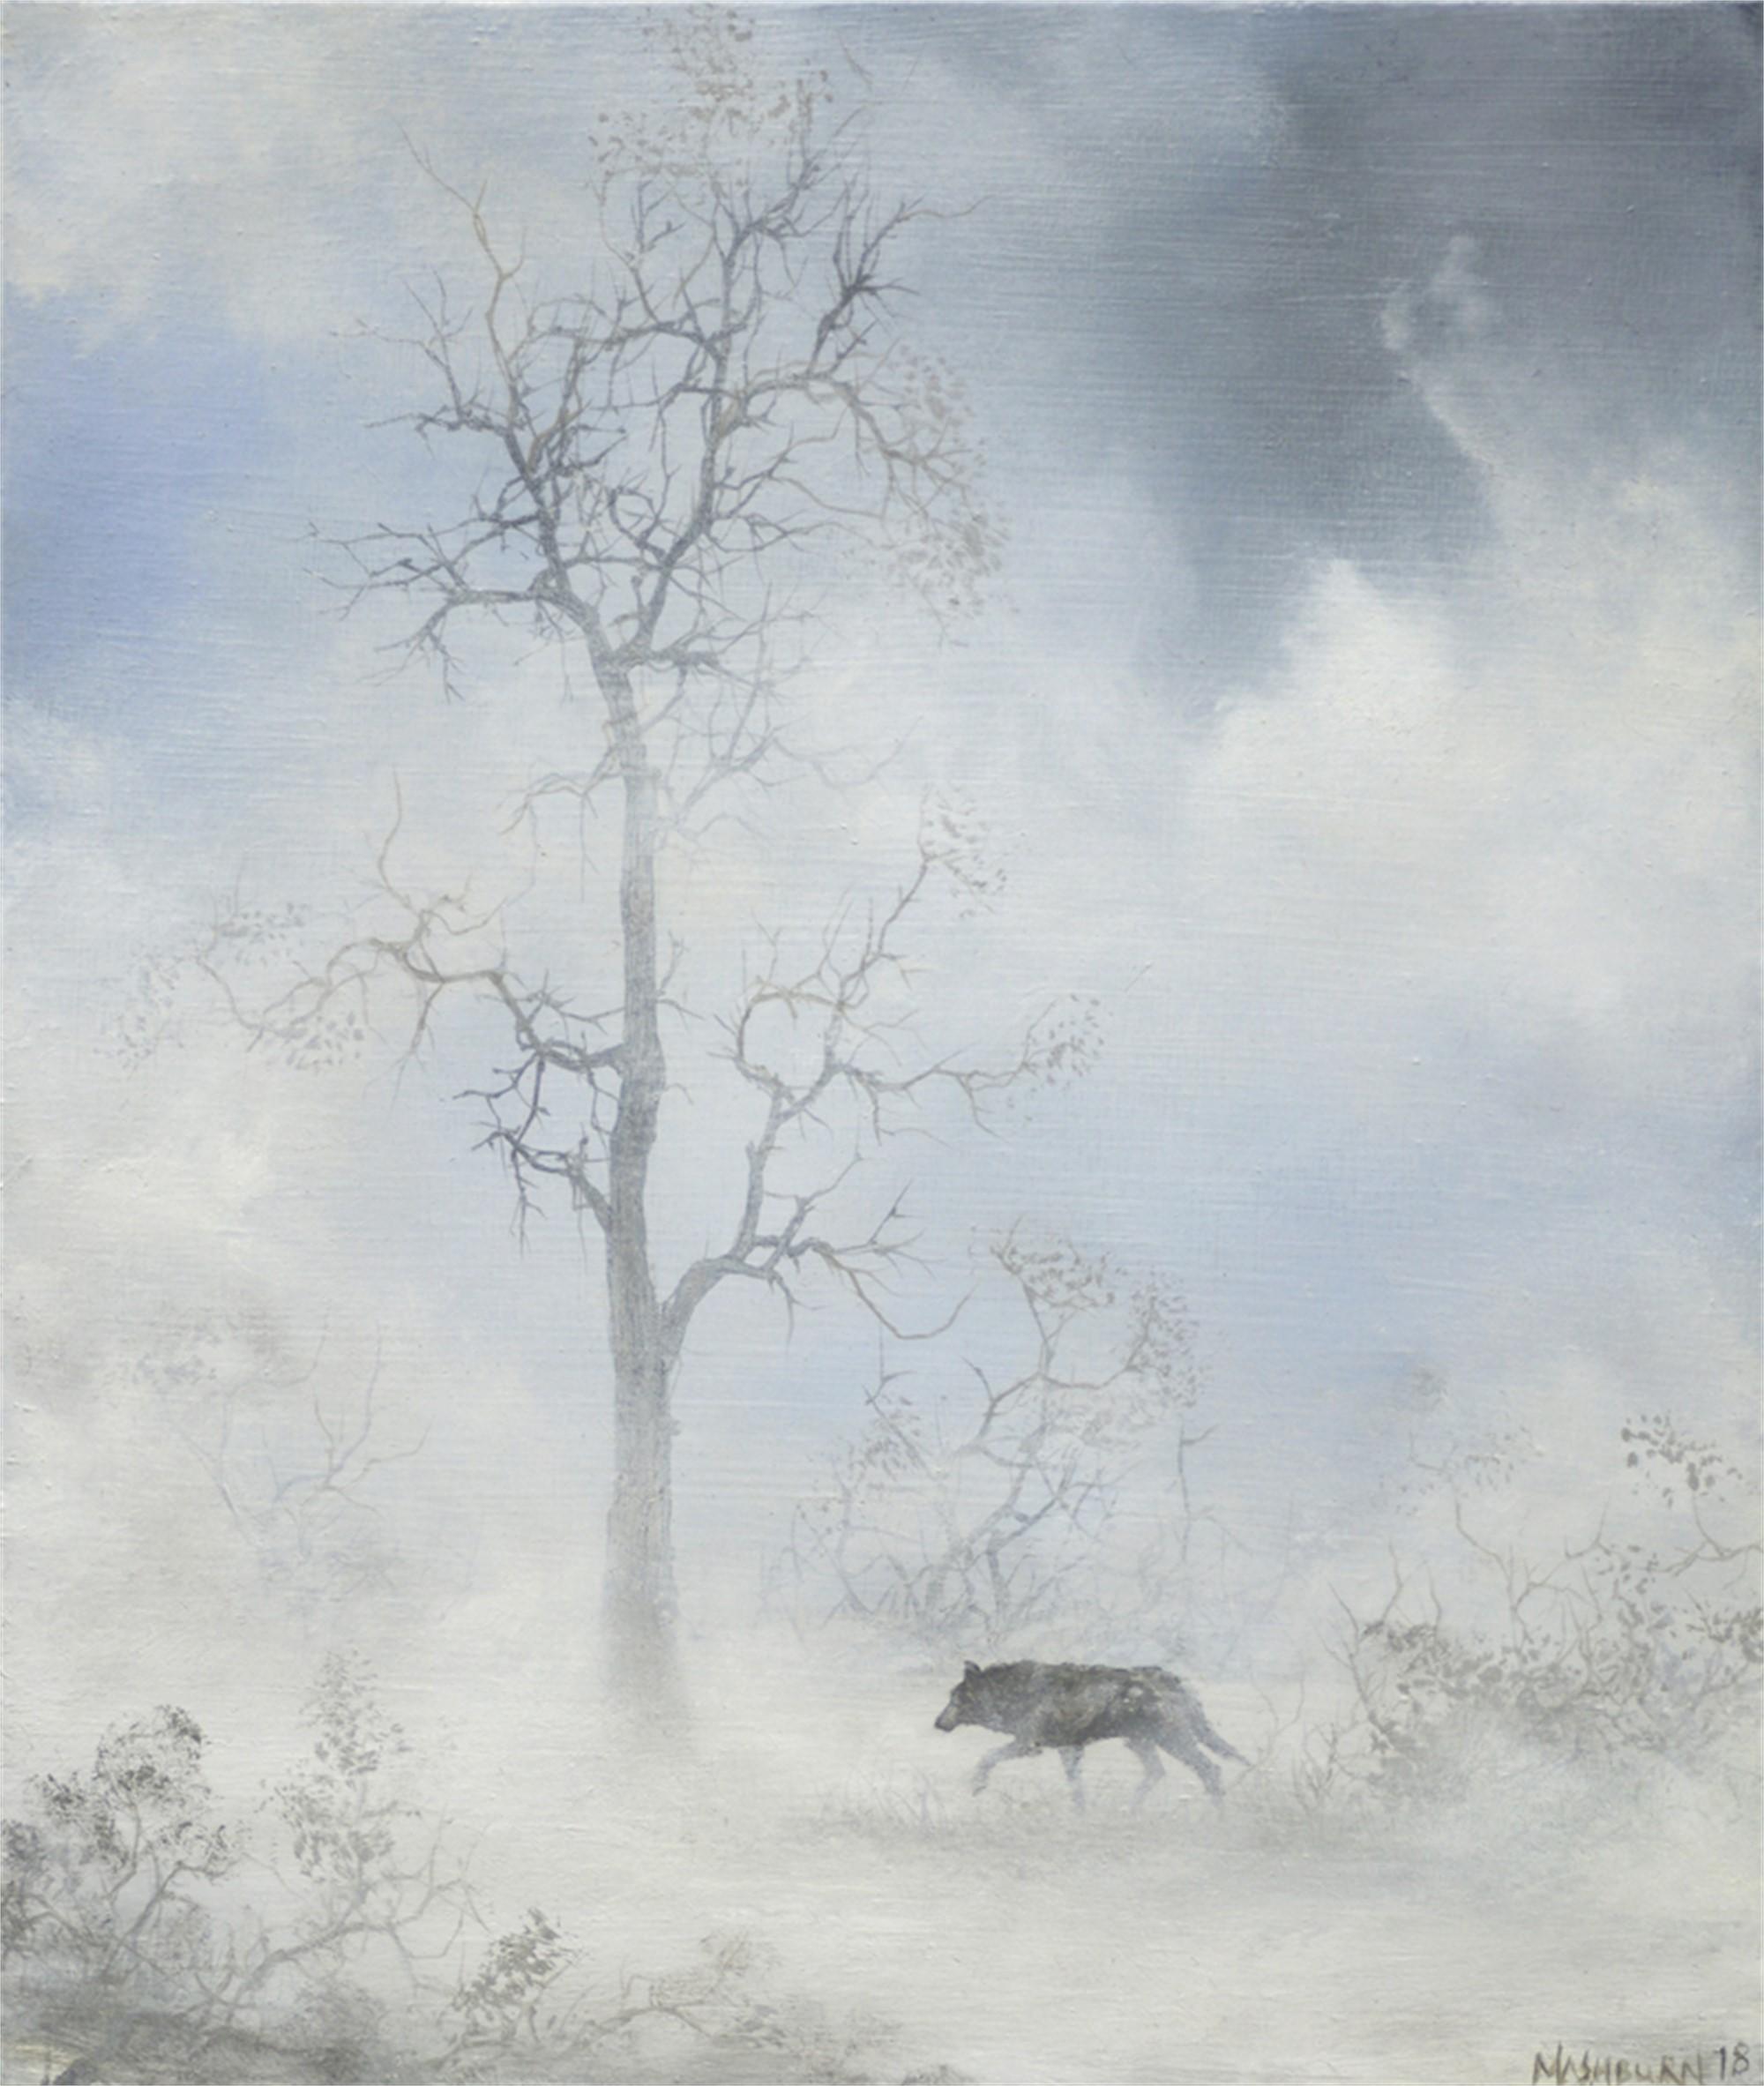 Wolf 2 by Brian Mashburn